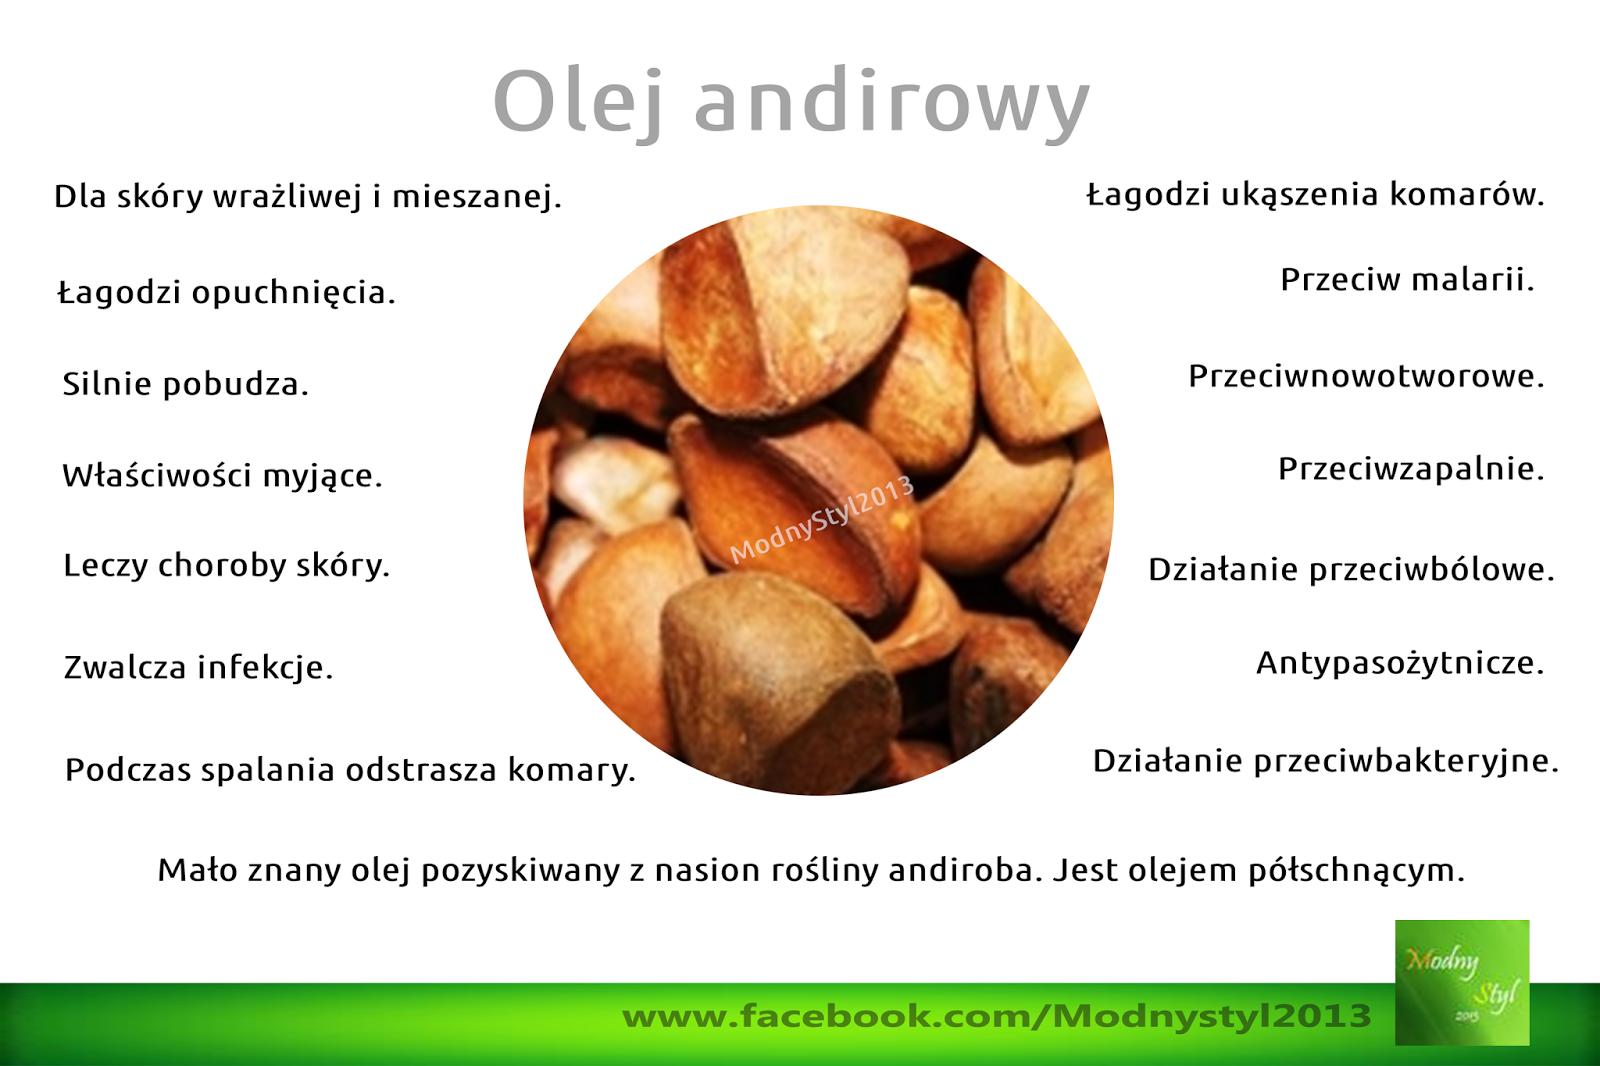 Olej andirowy